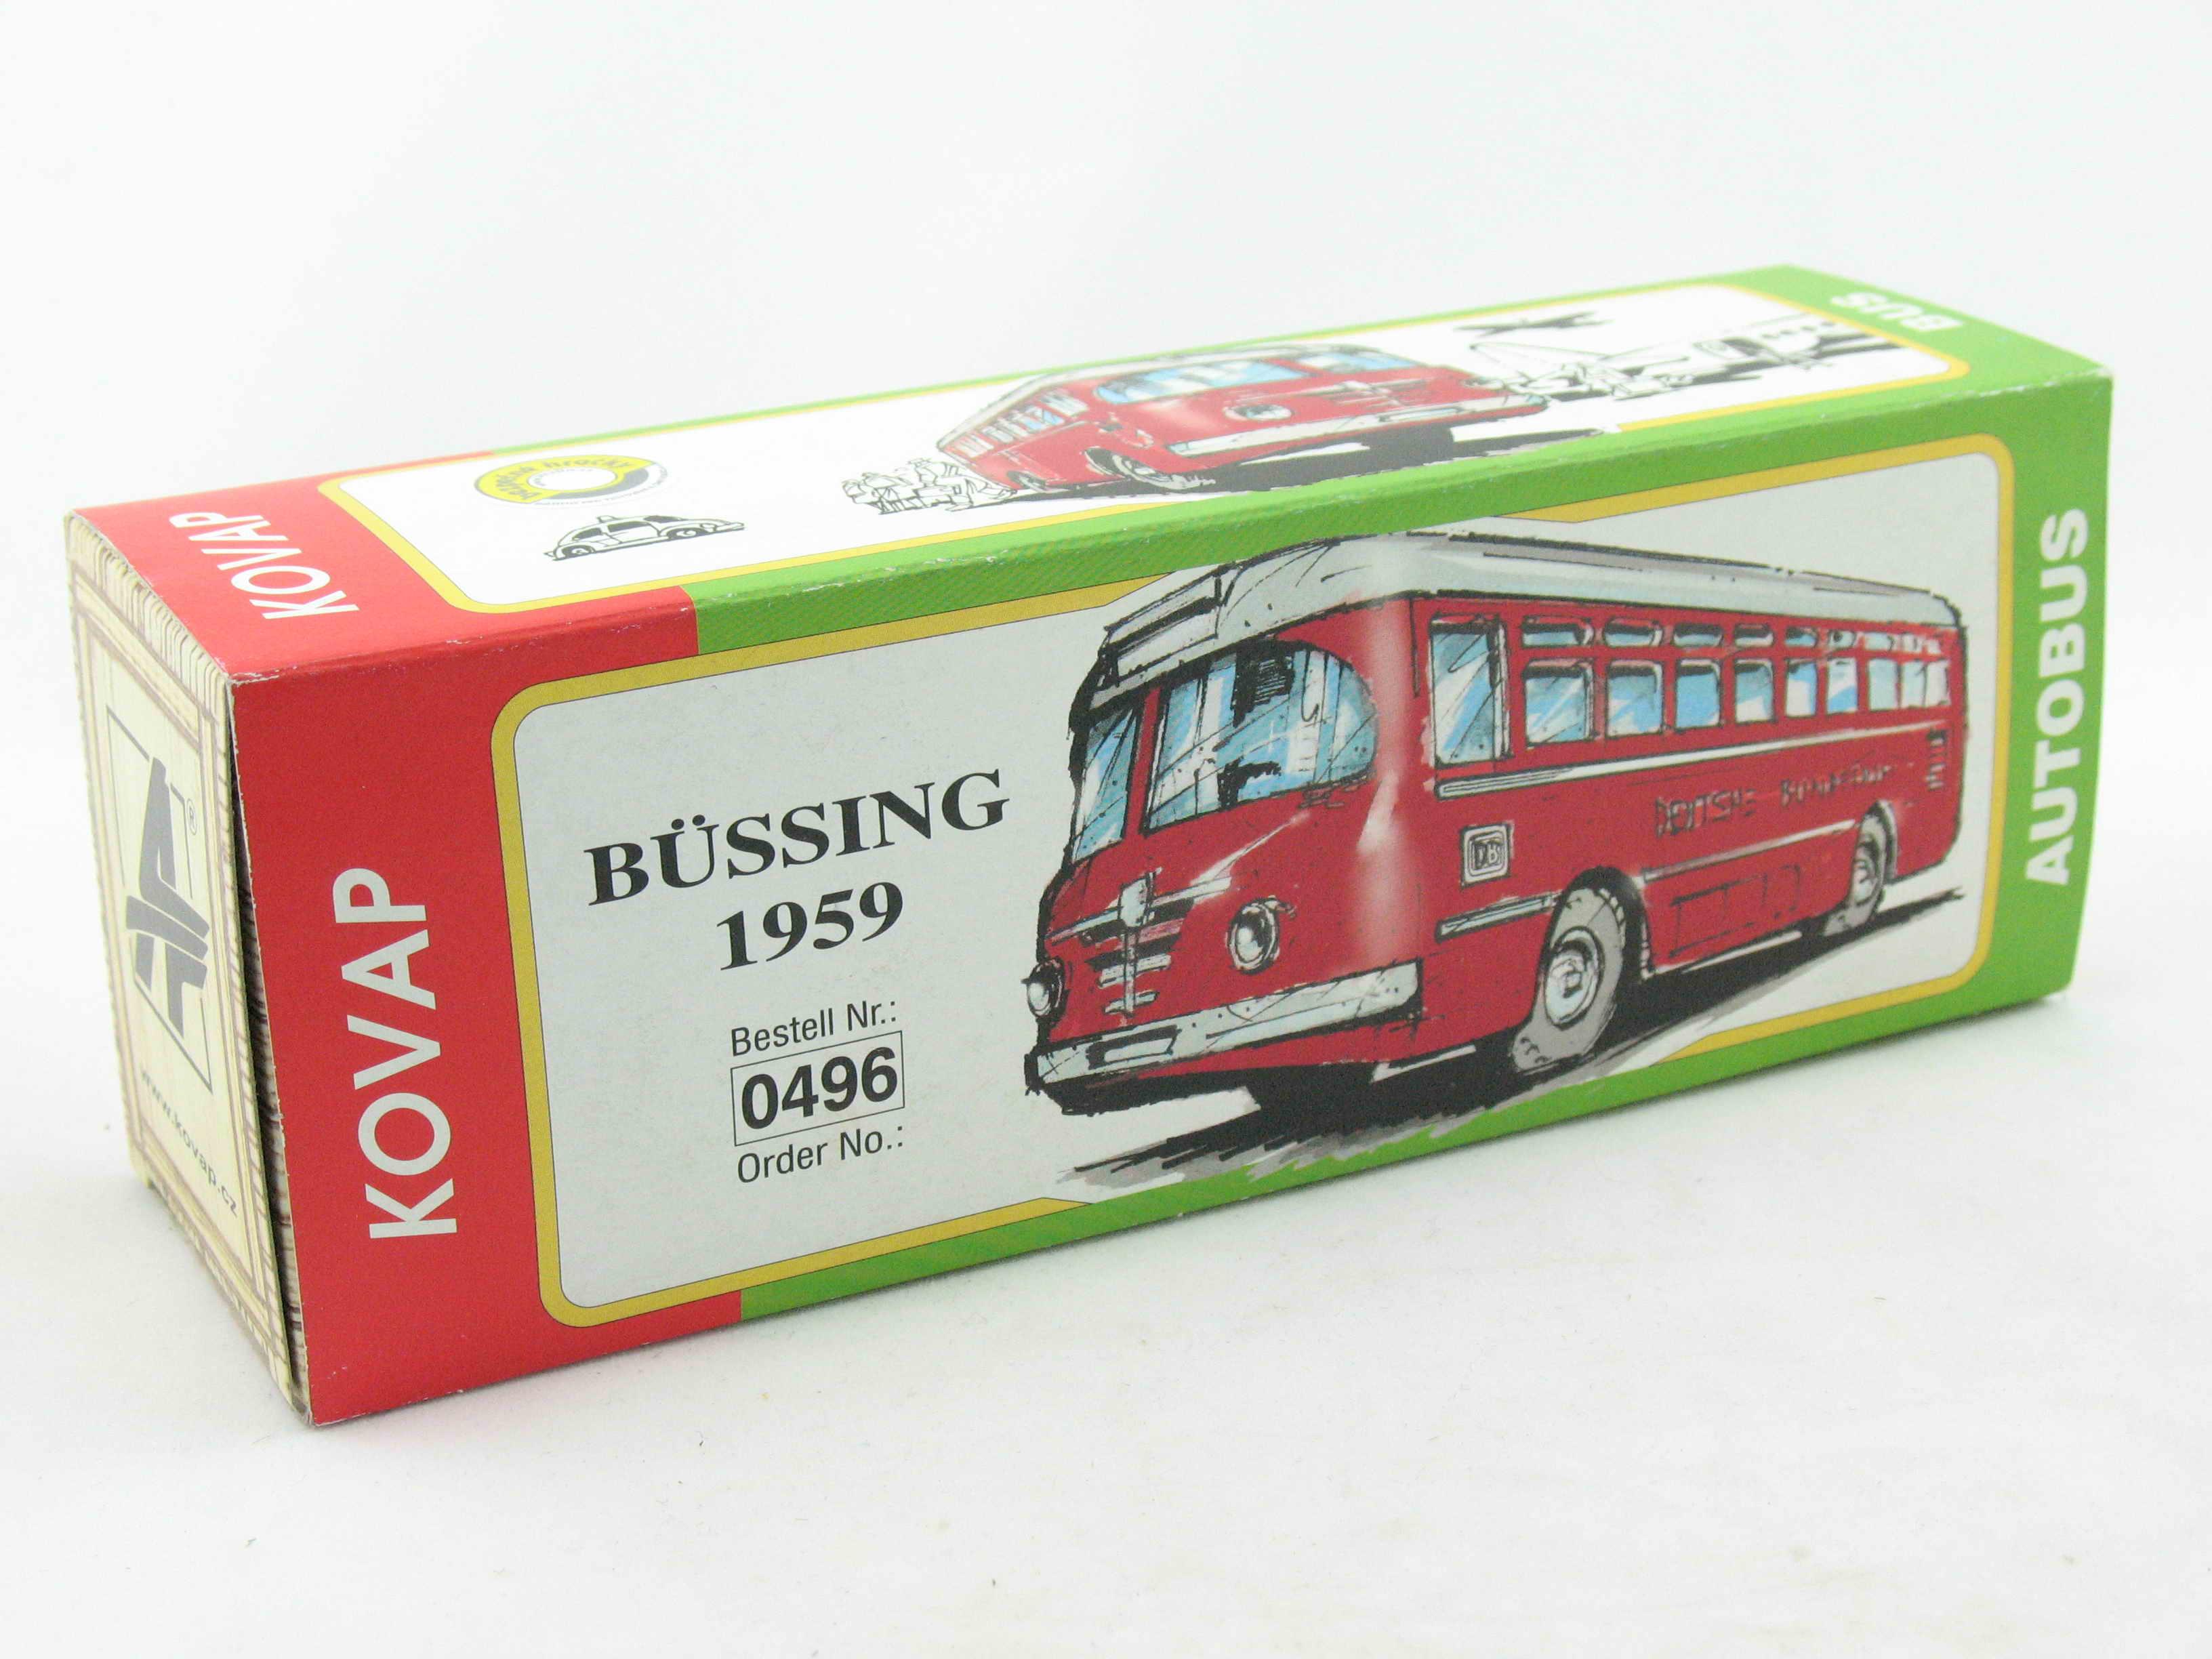 Antikspielzeug Bus Büssing 1959 Deutsche Bundesbahn 1:43 Kovap Box